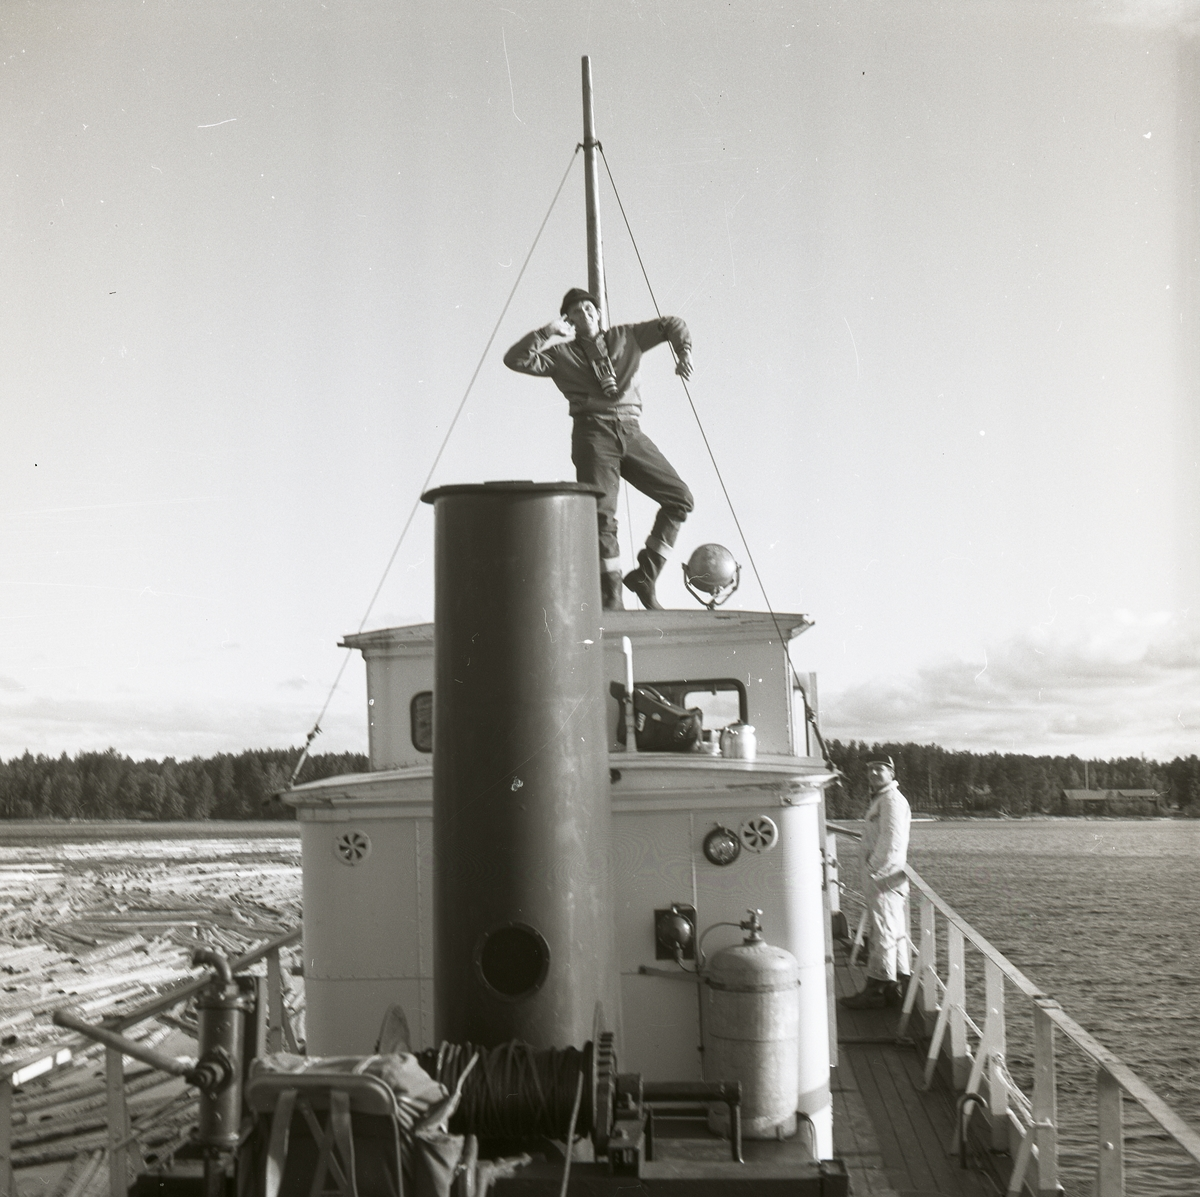 En man står på taket på en av Dellenbåtarna och spexar. En annan man står lutad mot båtens reling. På vattnet syns timmer.